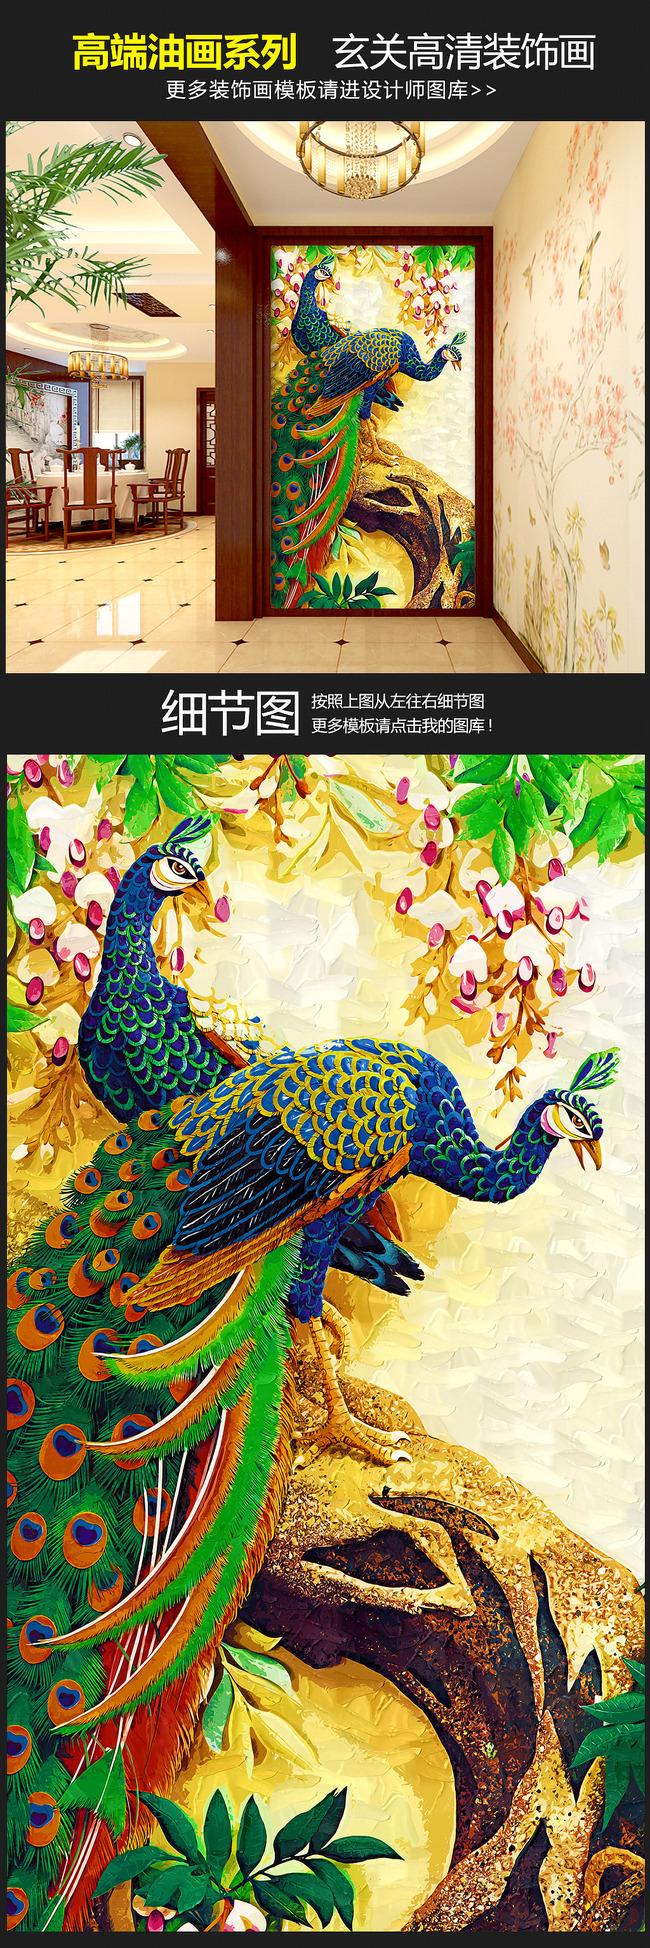 客厅玄关装饰画孔雀油画背景墙